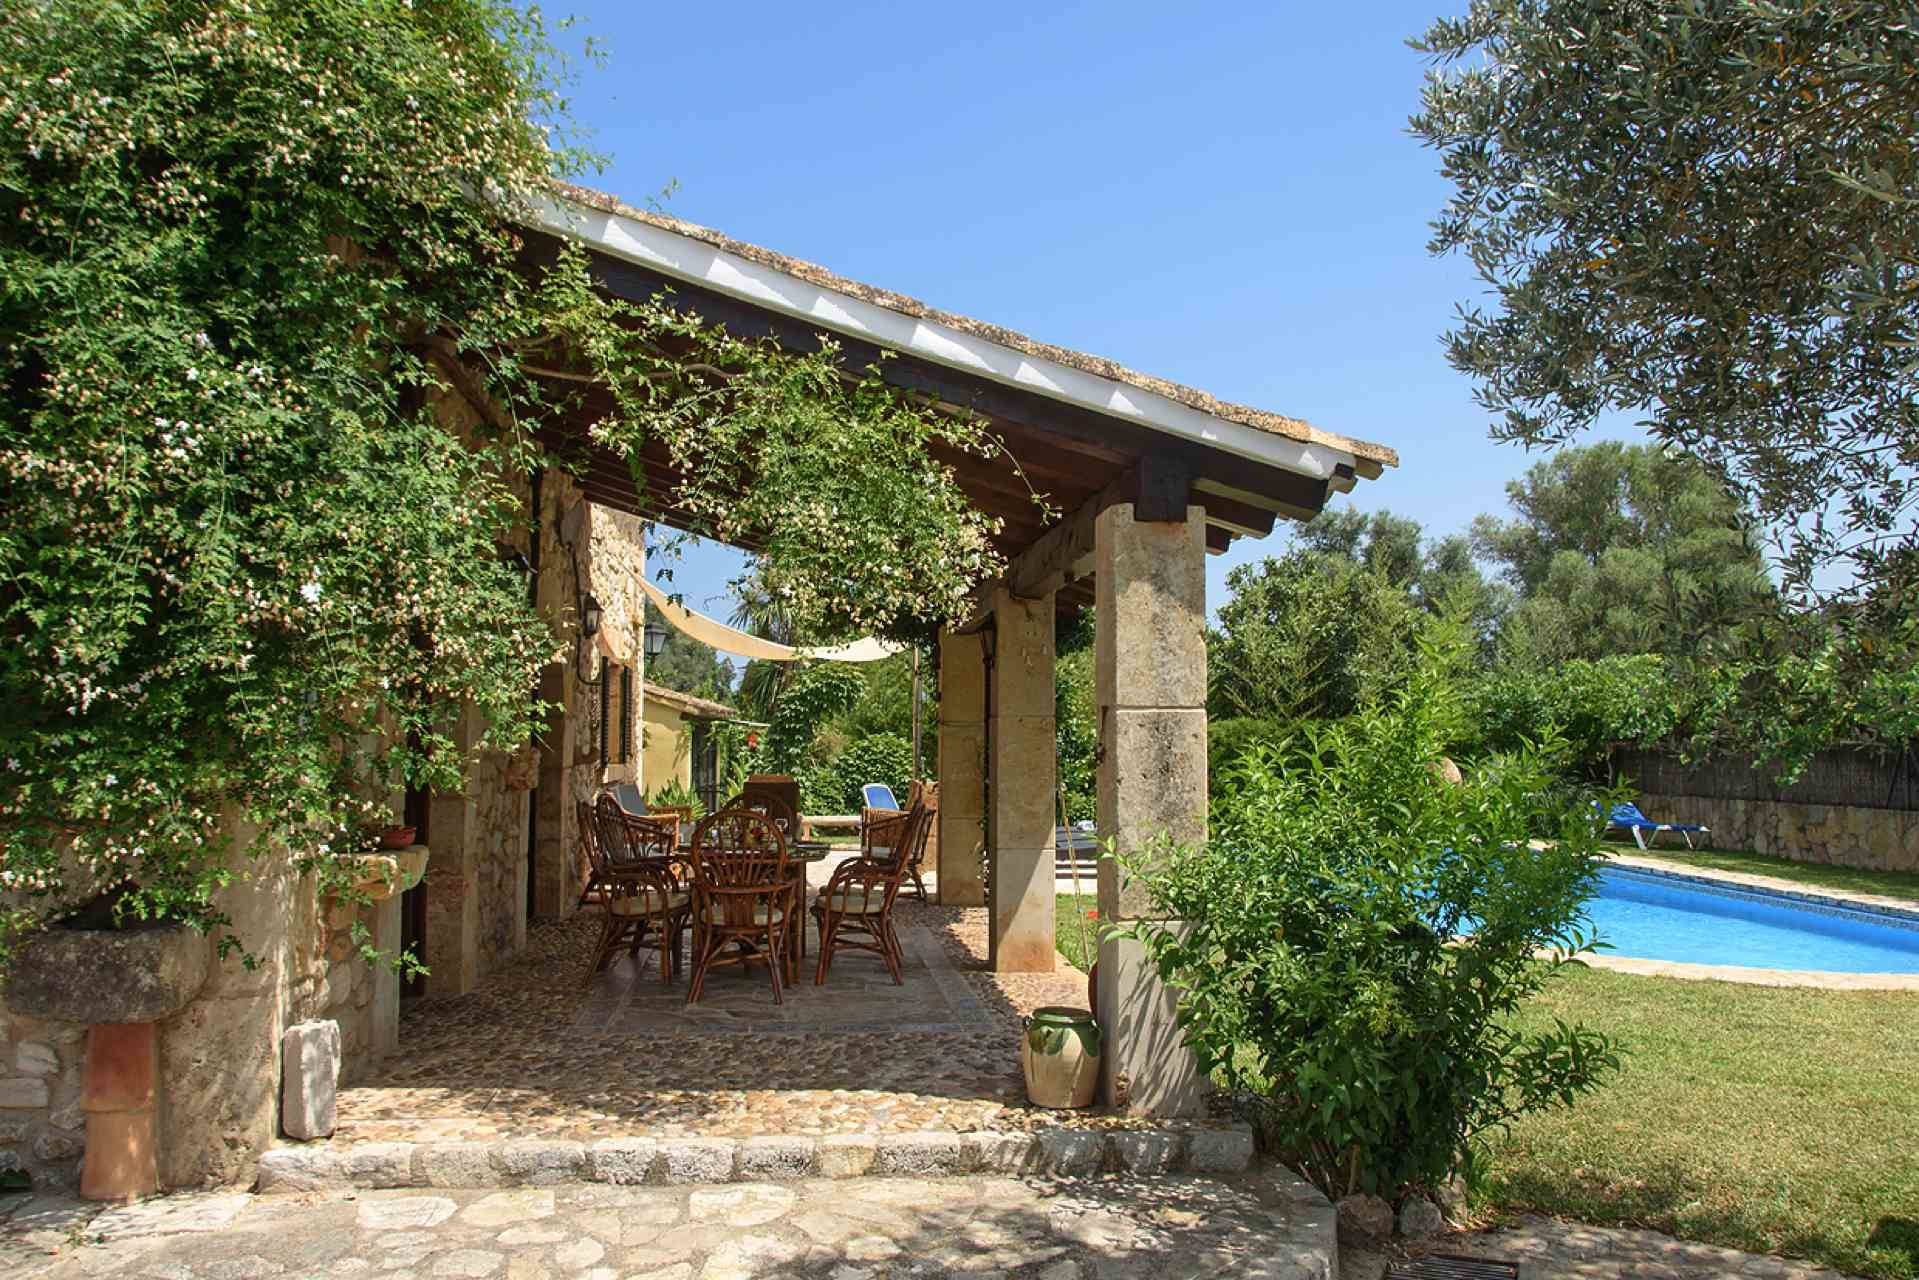 01-164 Romantic Finca Mallorca North Bild 16